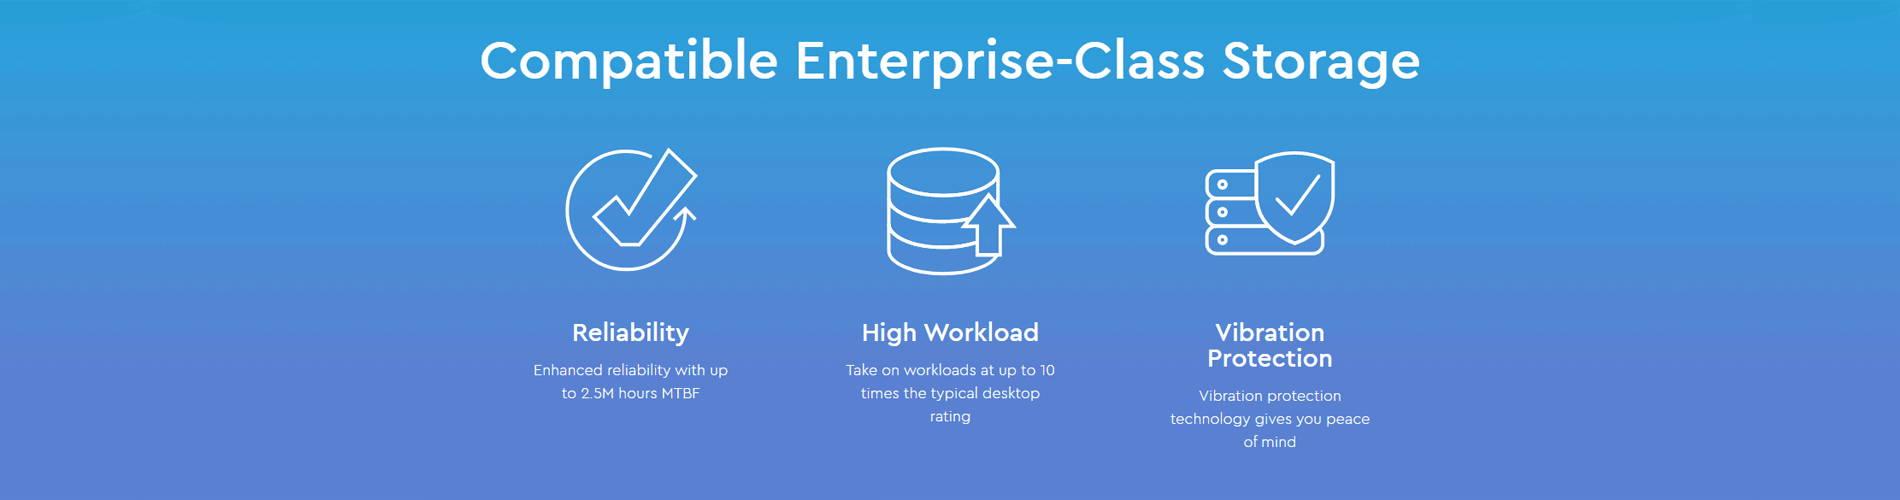 Compatible Enterprise-Class Storage